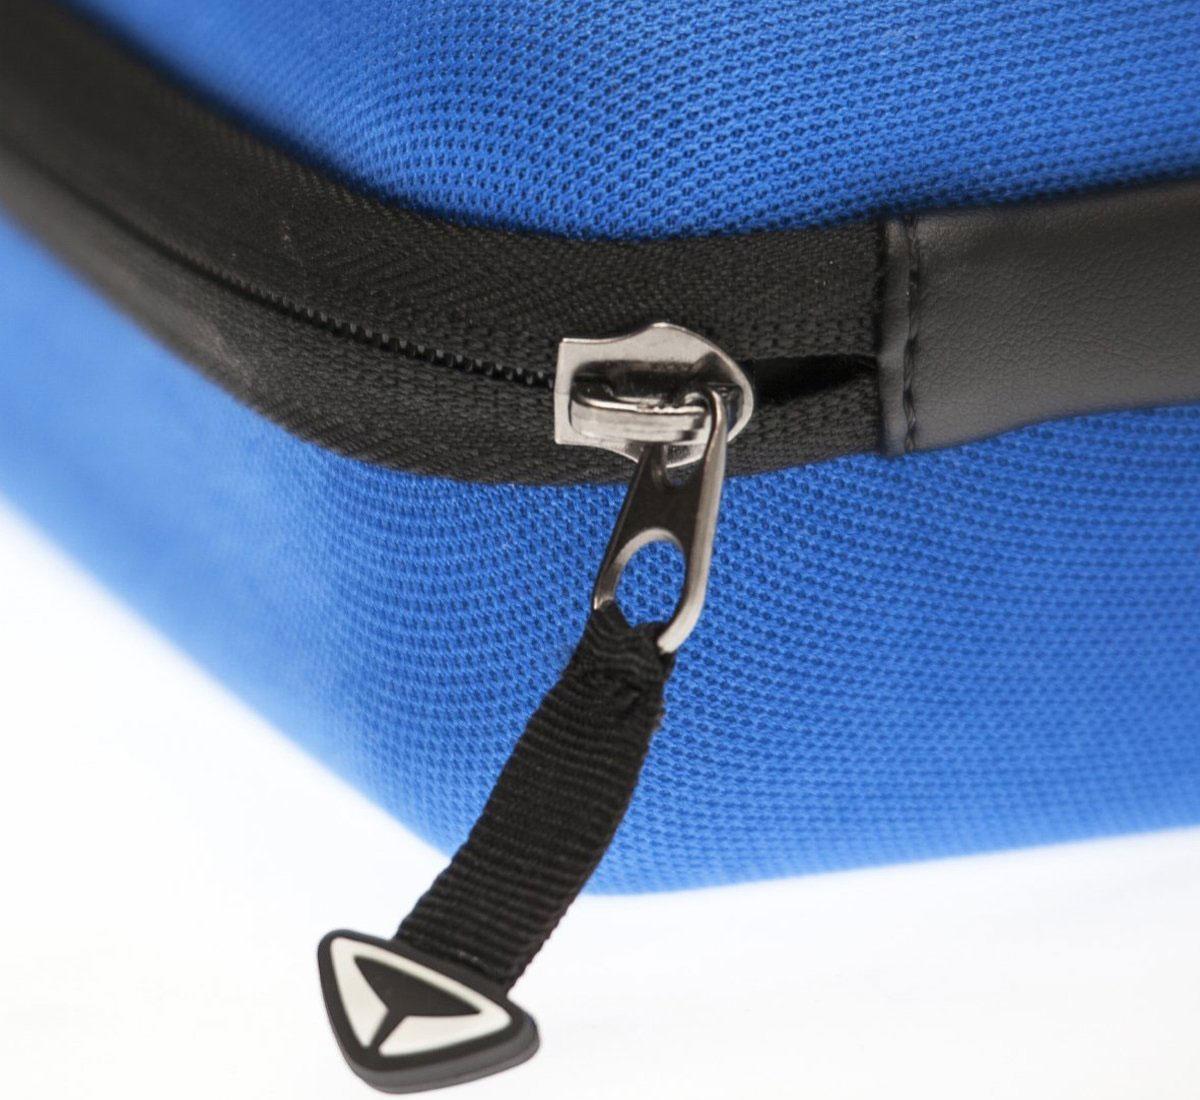 SP-Gadgets POV Case Large GoPro-Edition, Blue кейс для экшн-камеры